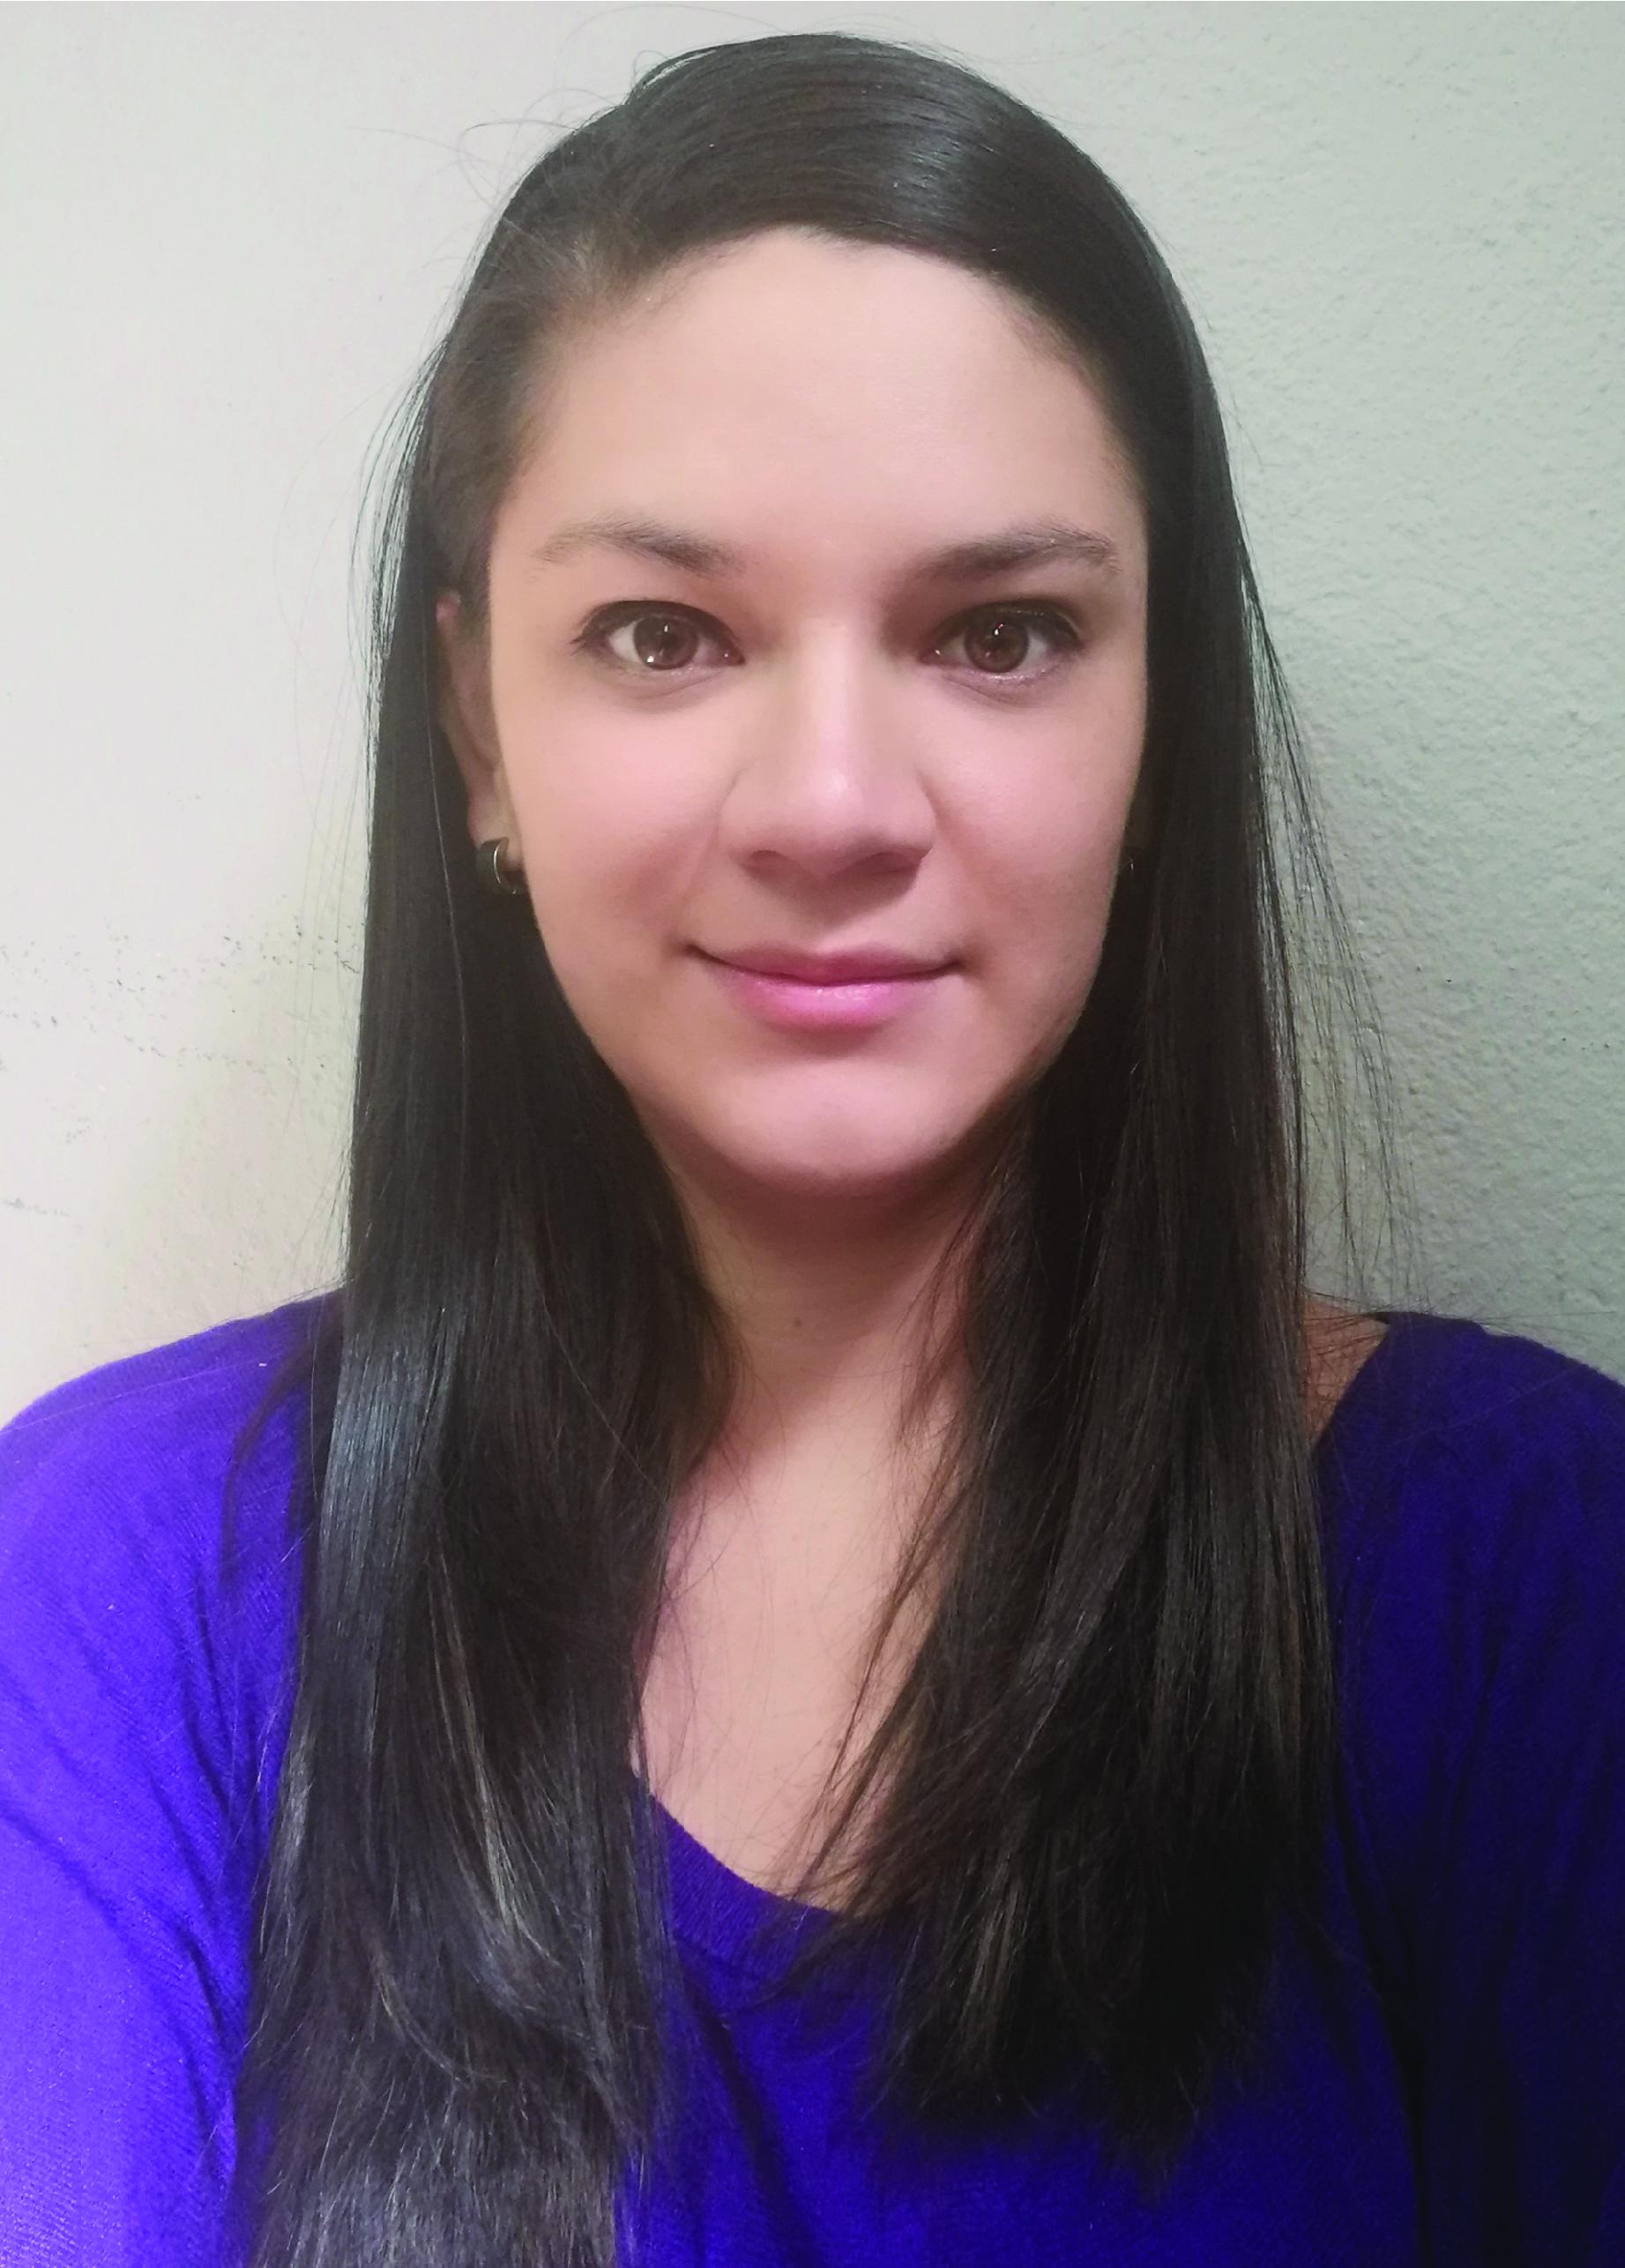 Mónica Paola Díaz Sánchez